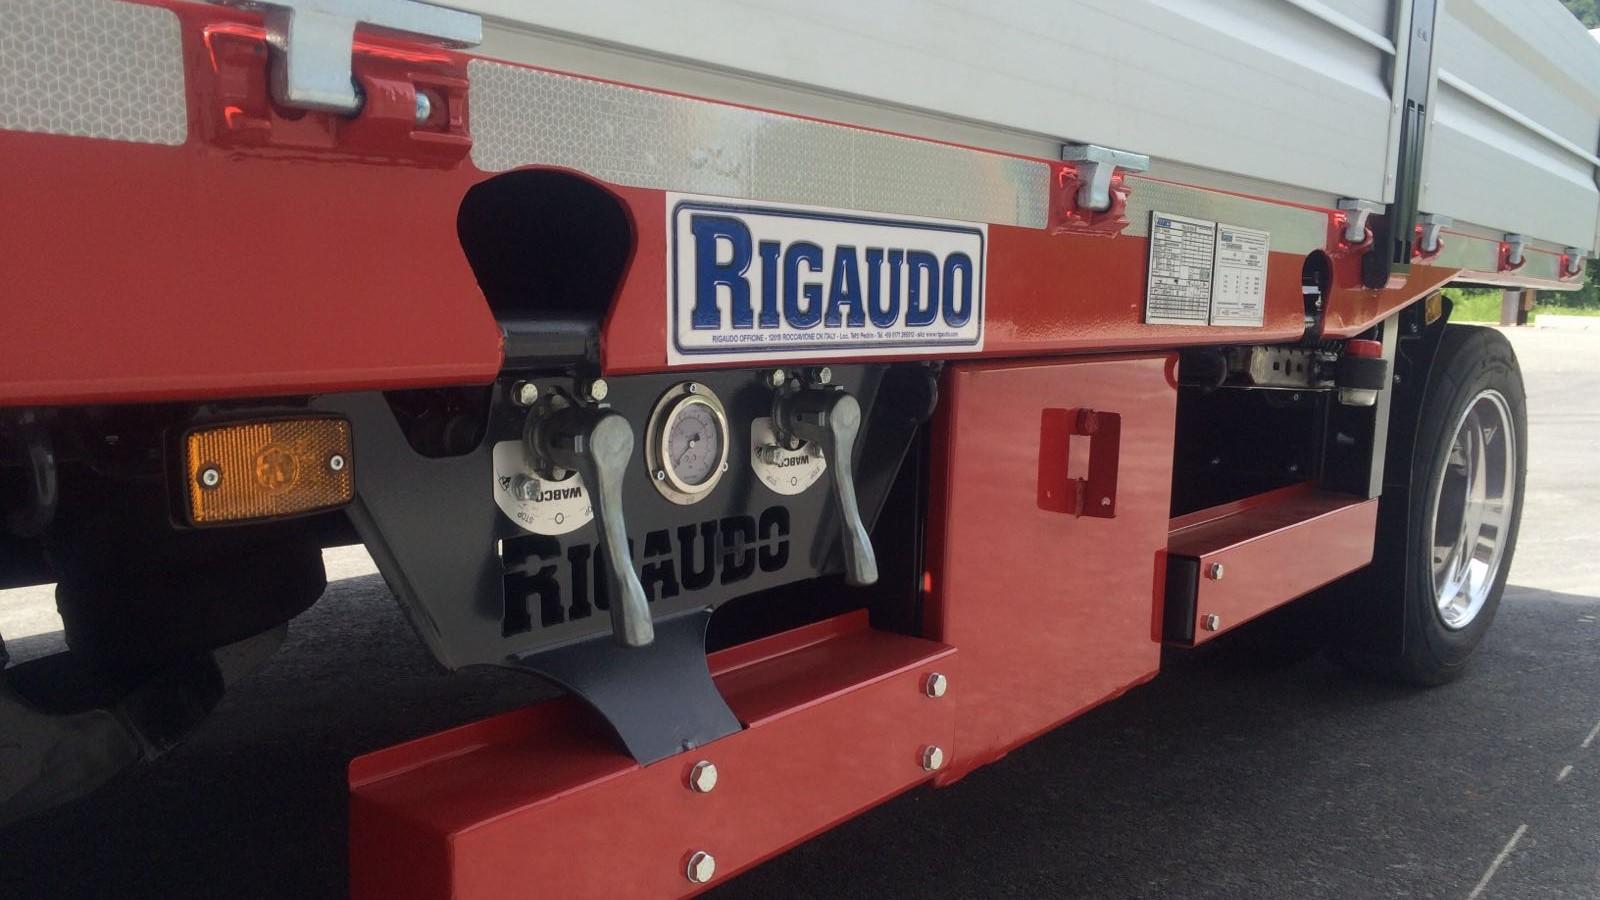 I dettagli sviluppati da Rigaudo risolvono problematiche specifiche